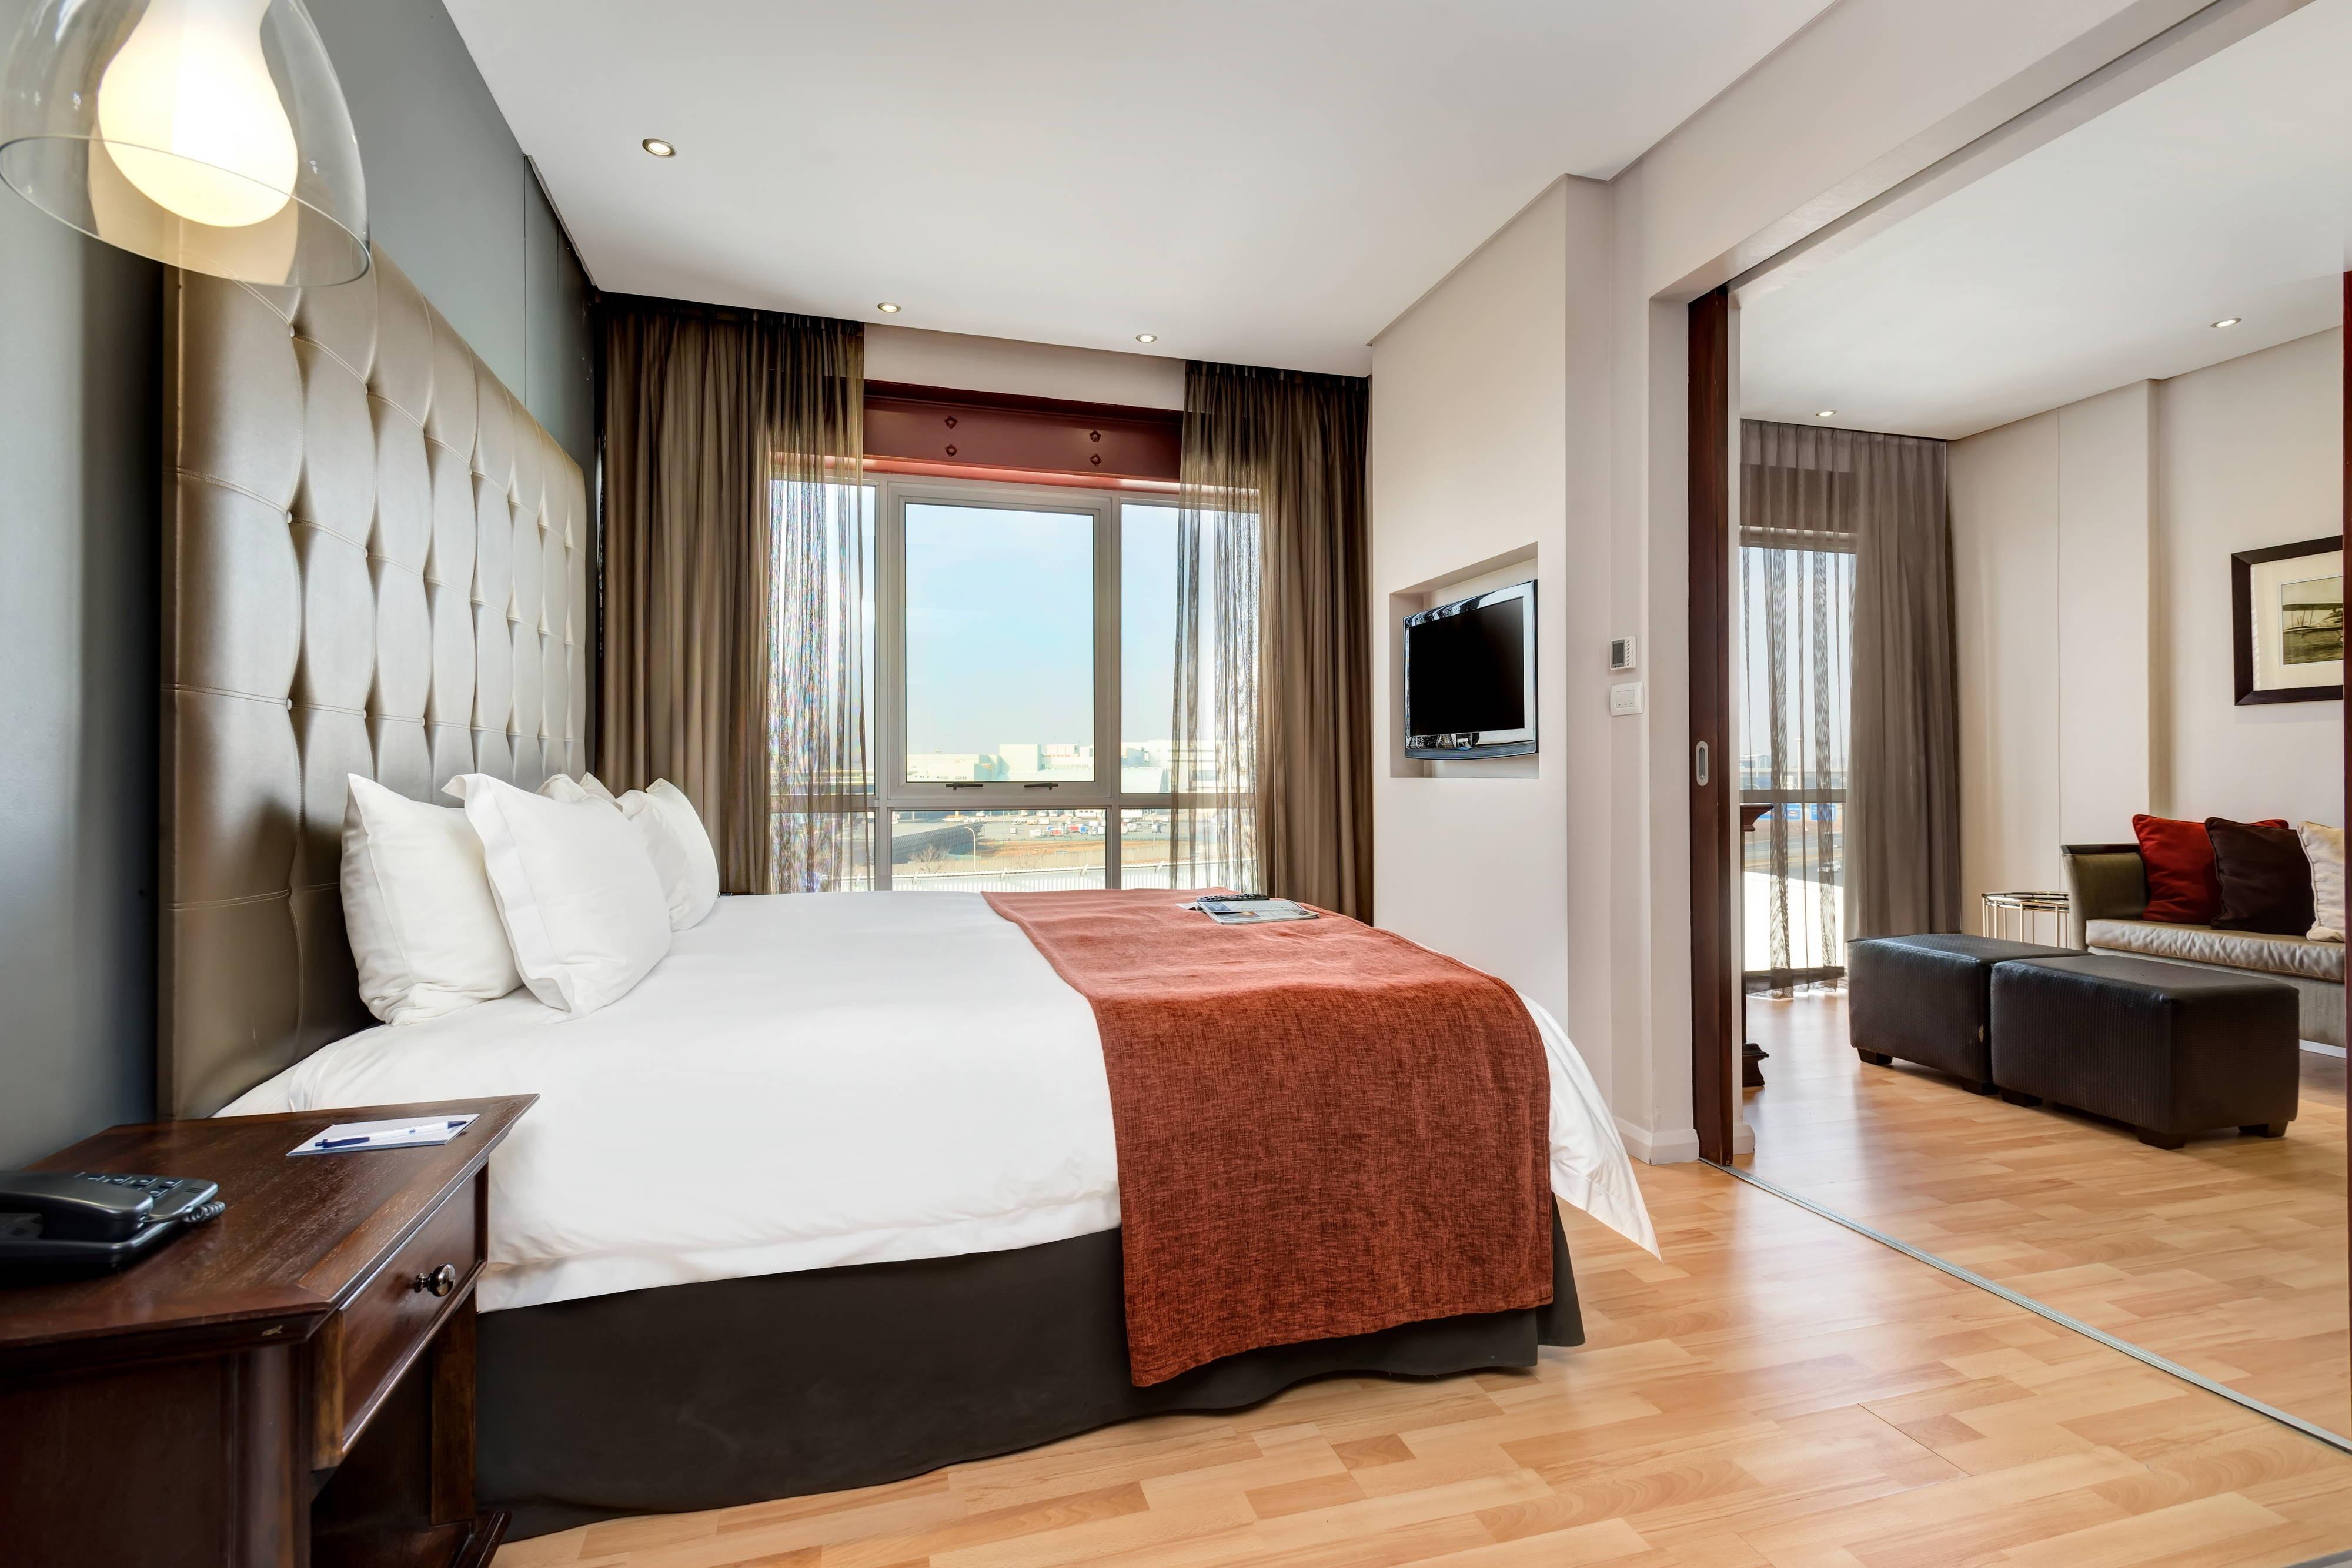 1 Bedroom Suite JNB Airport Hotel in